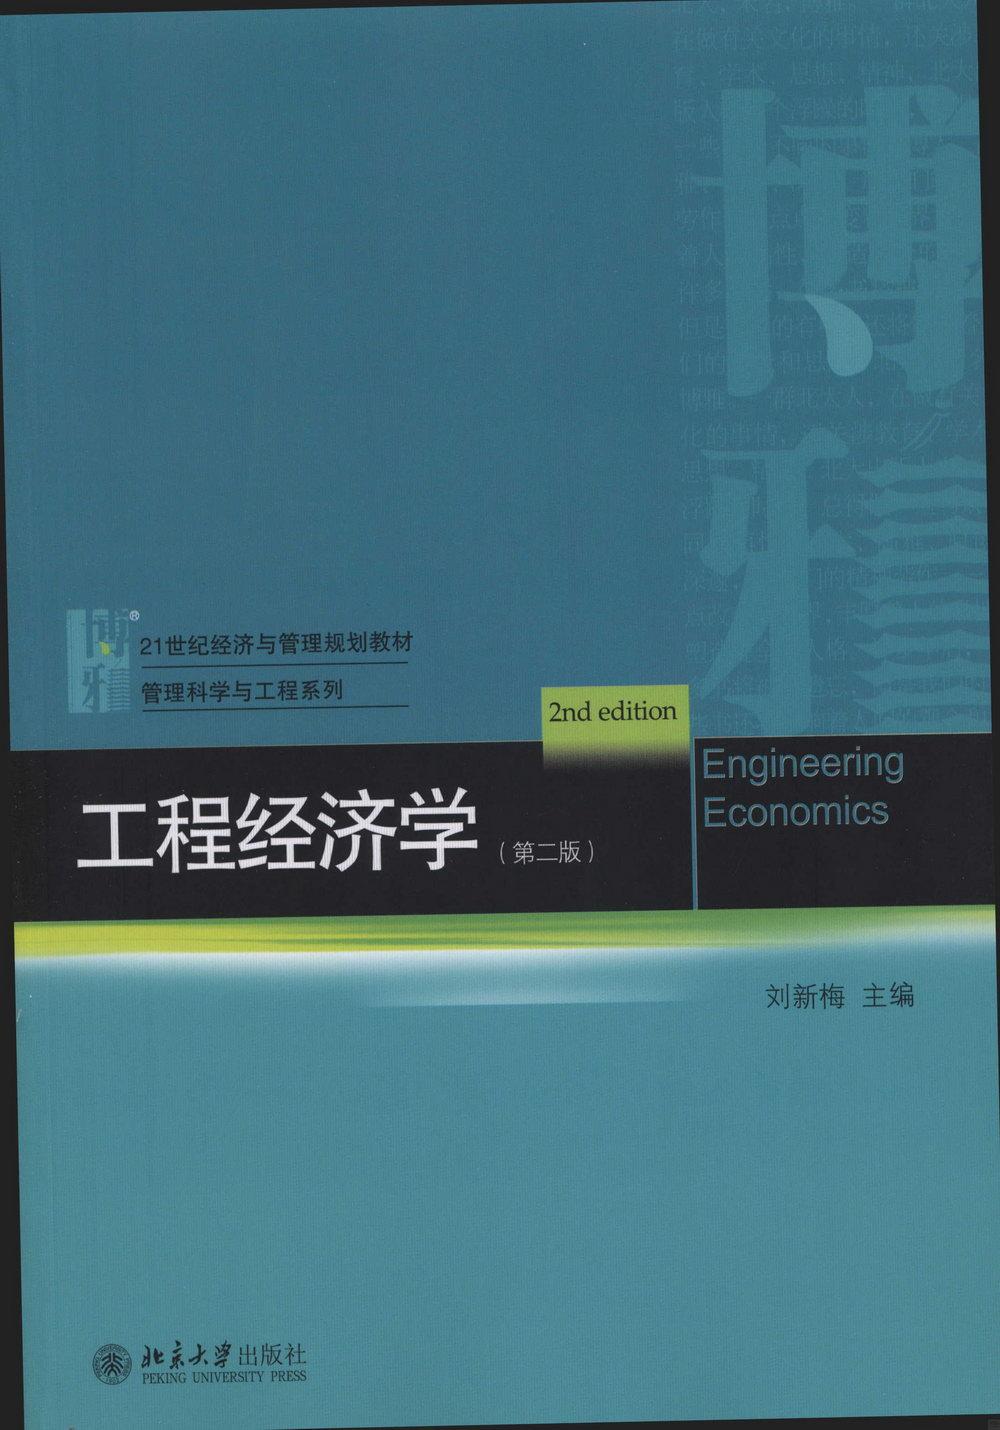 工程經濟學(第二版)